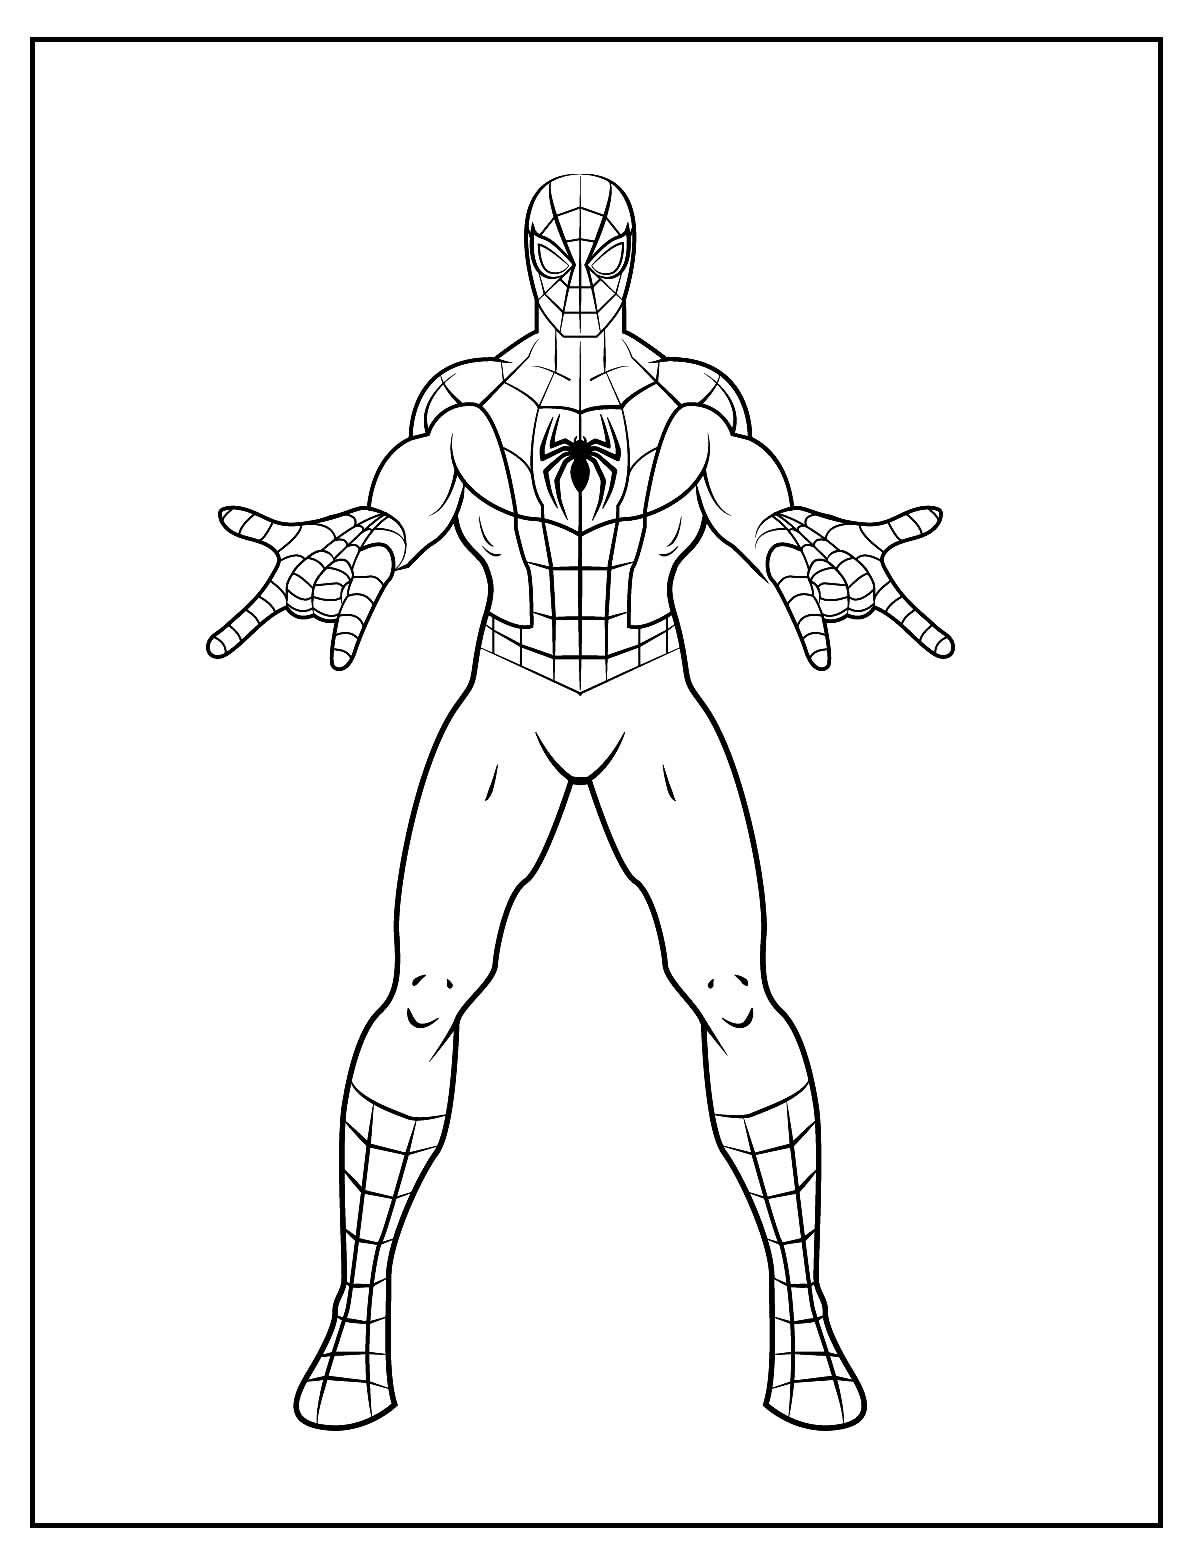 Páginas para colorir do Homem-Aranha